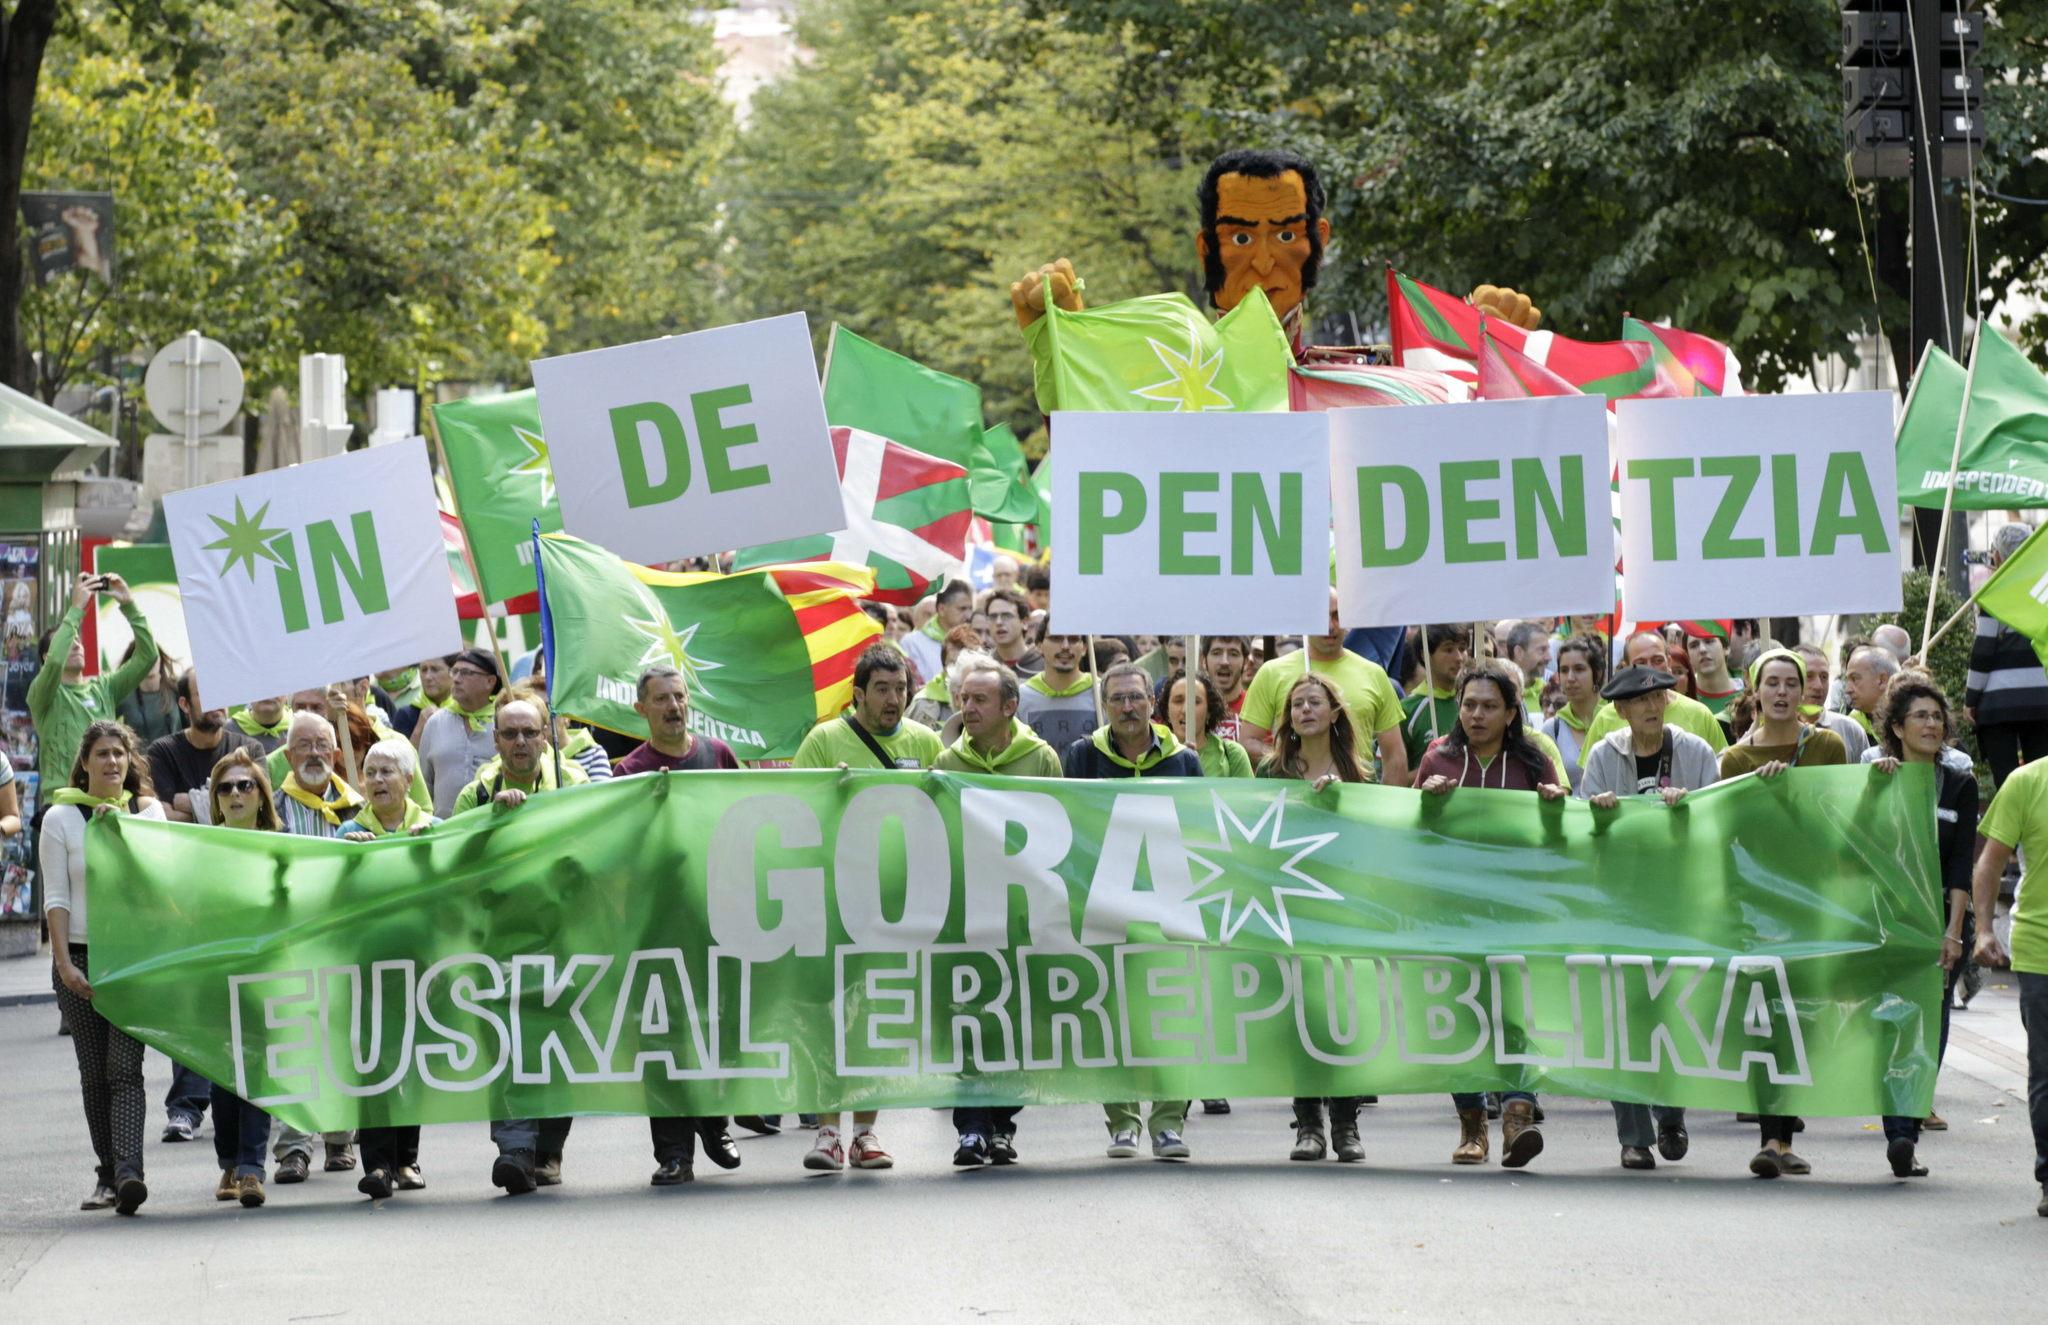 Социологические исследования говорят, что все больше басков выступают против независимости региона